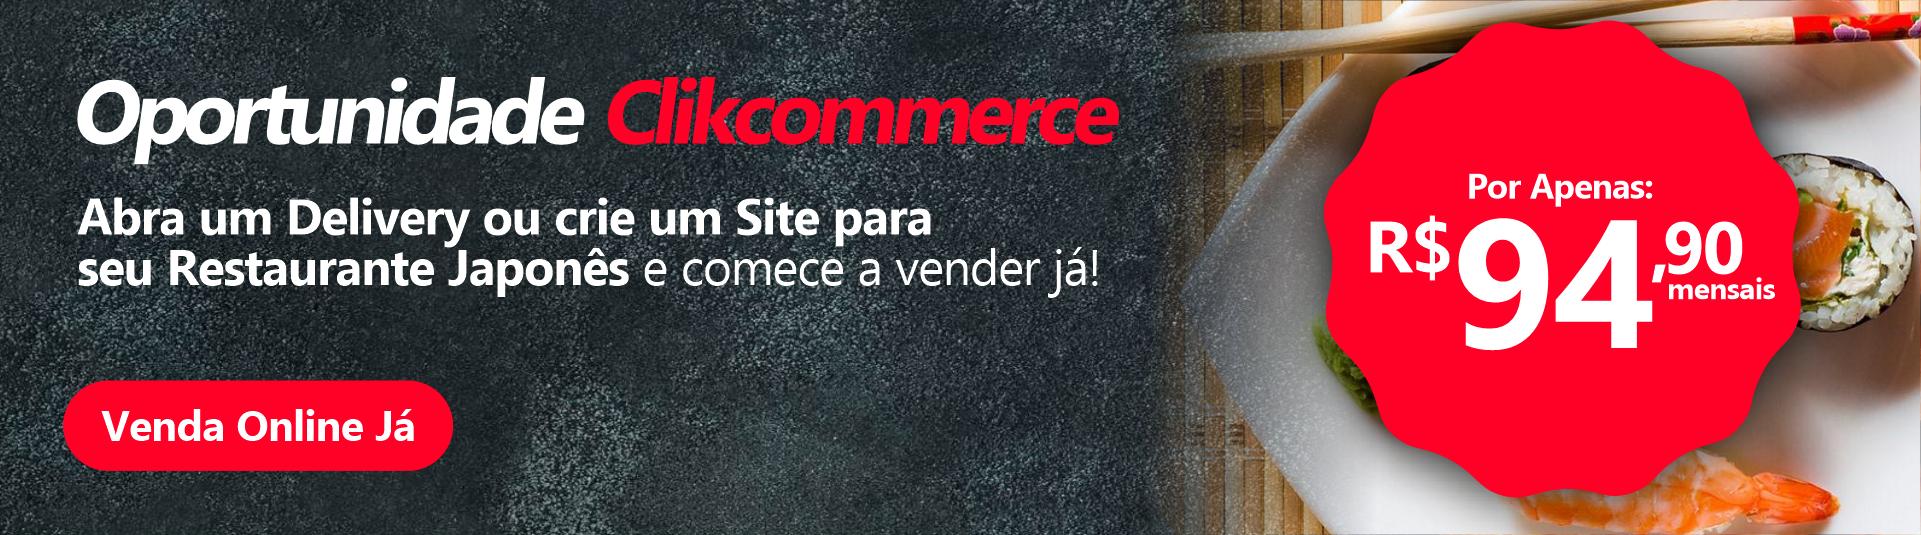 Clikcommerce Banner Blog 1920px